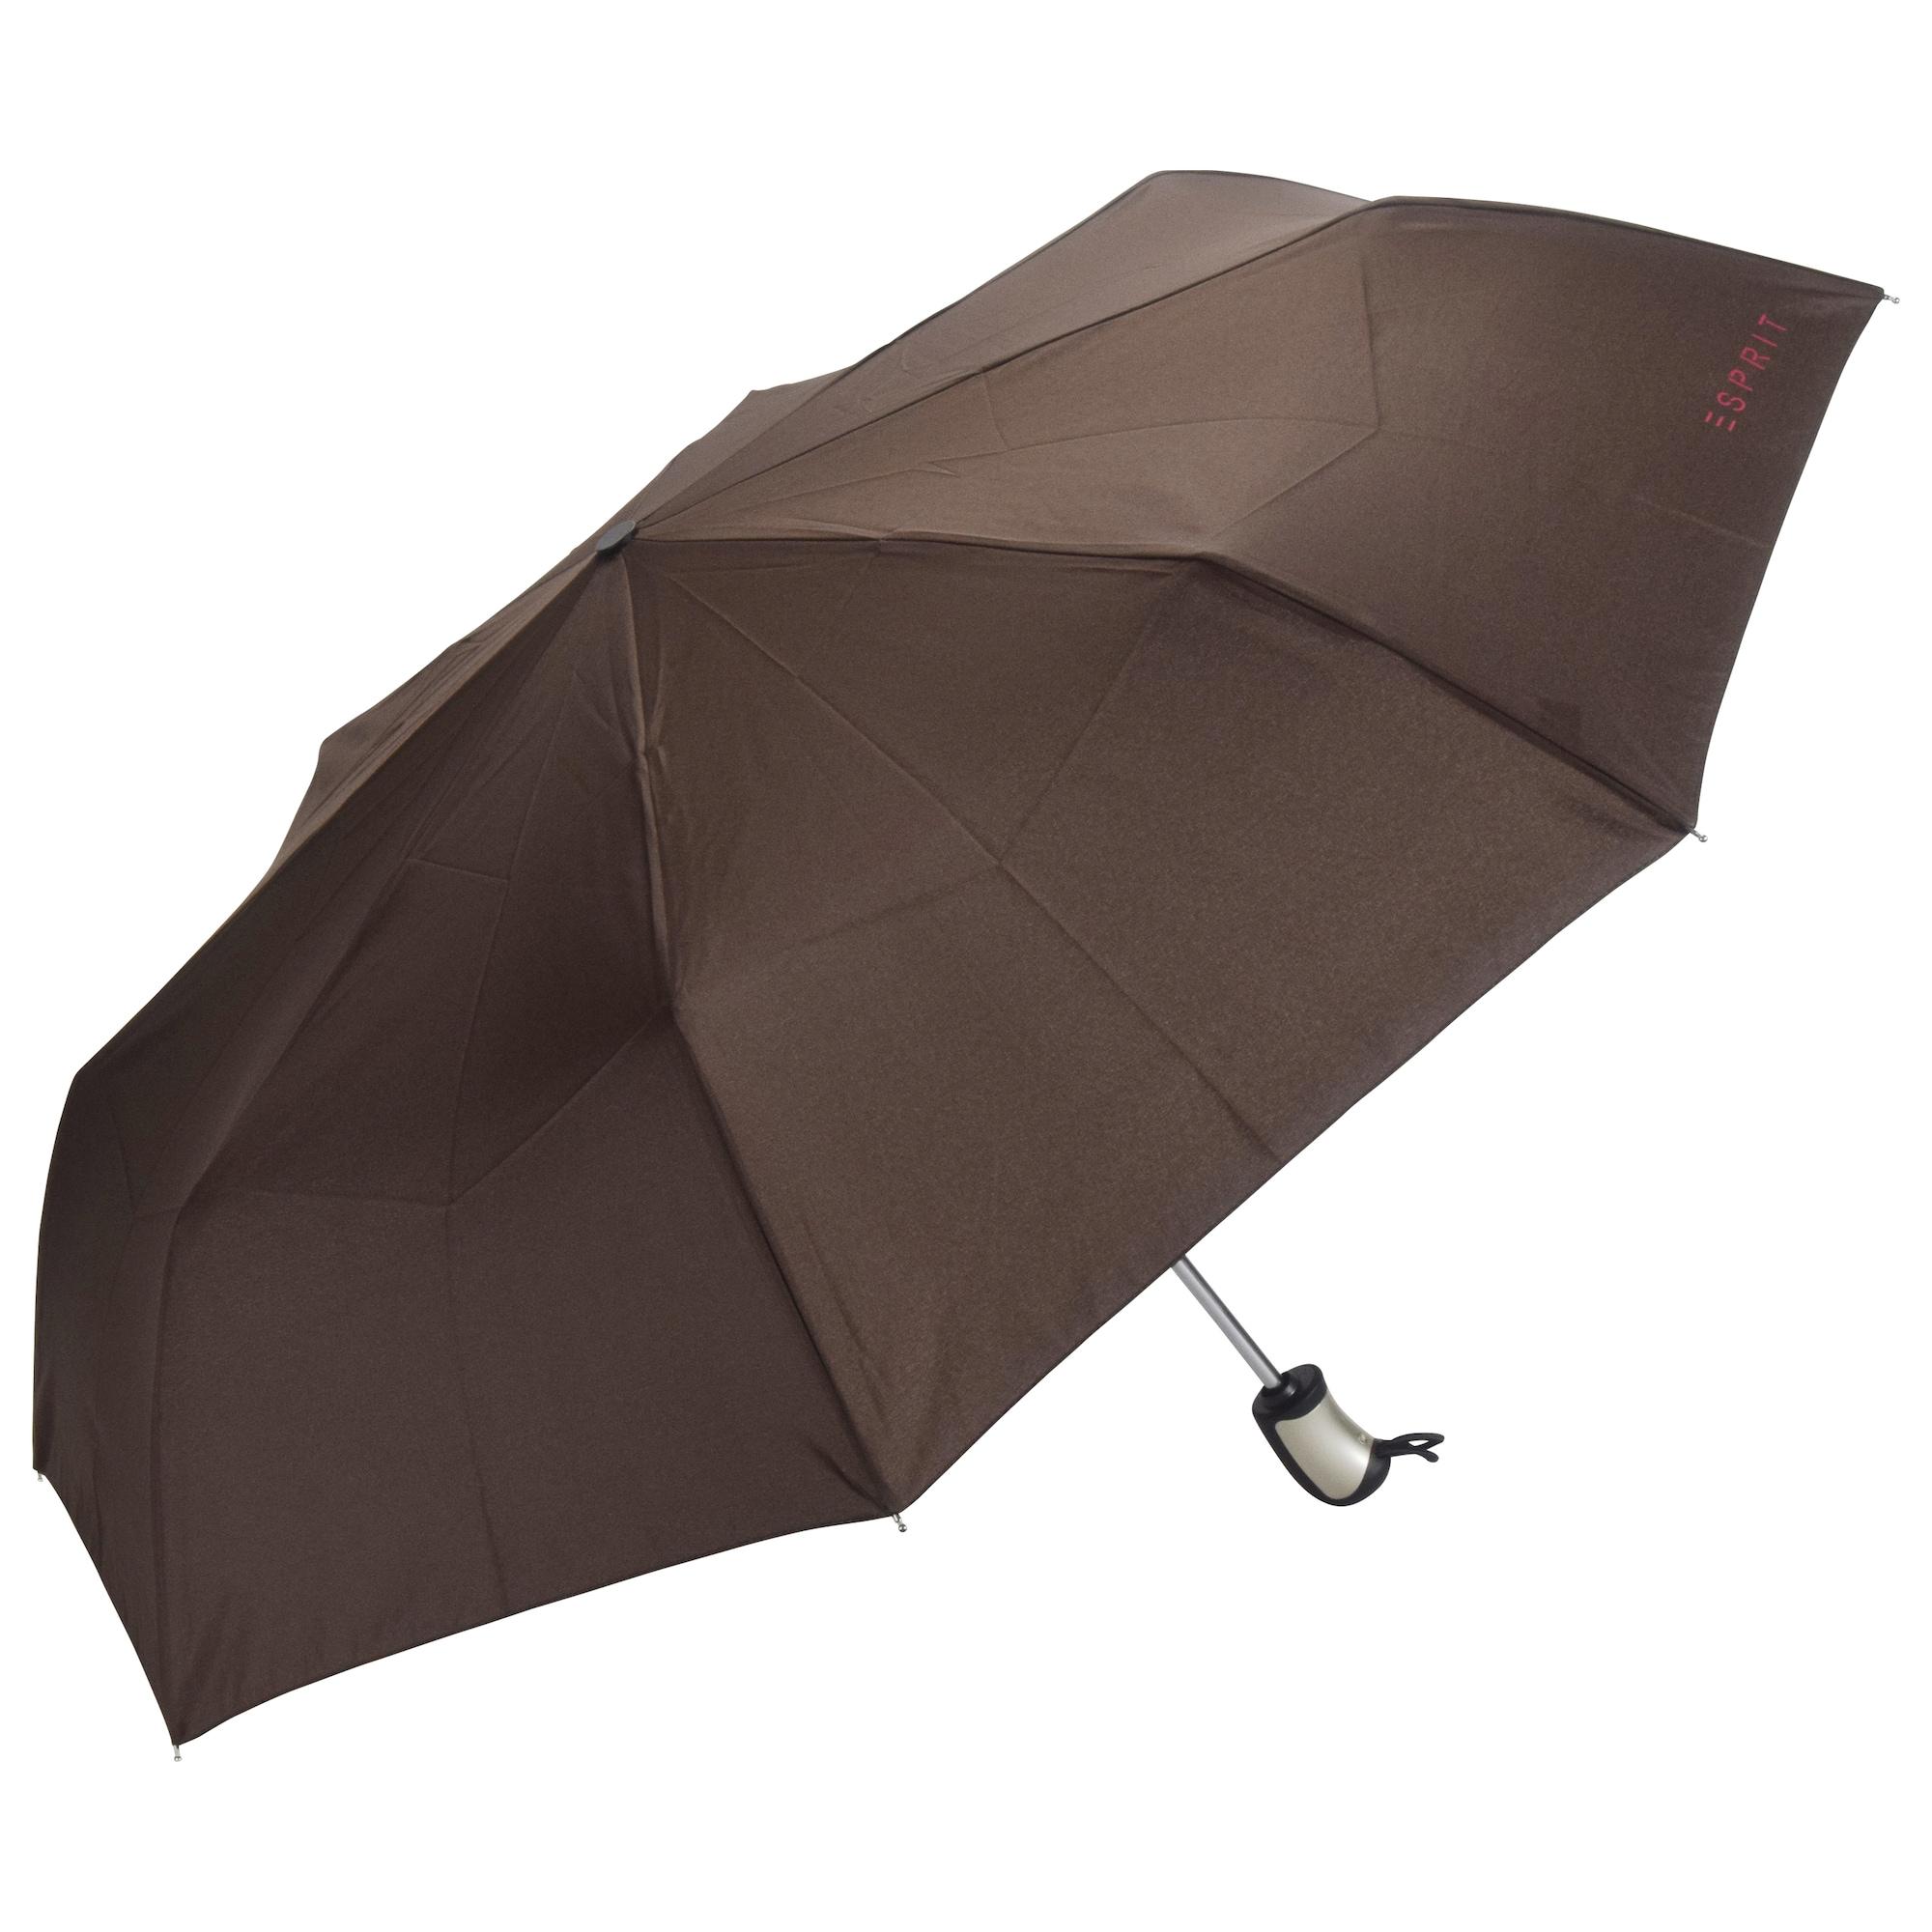 Taschenschirm | Accessoires > Regenschirme | Esprit